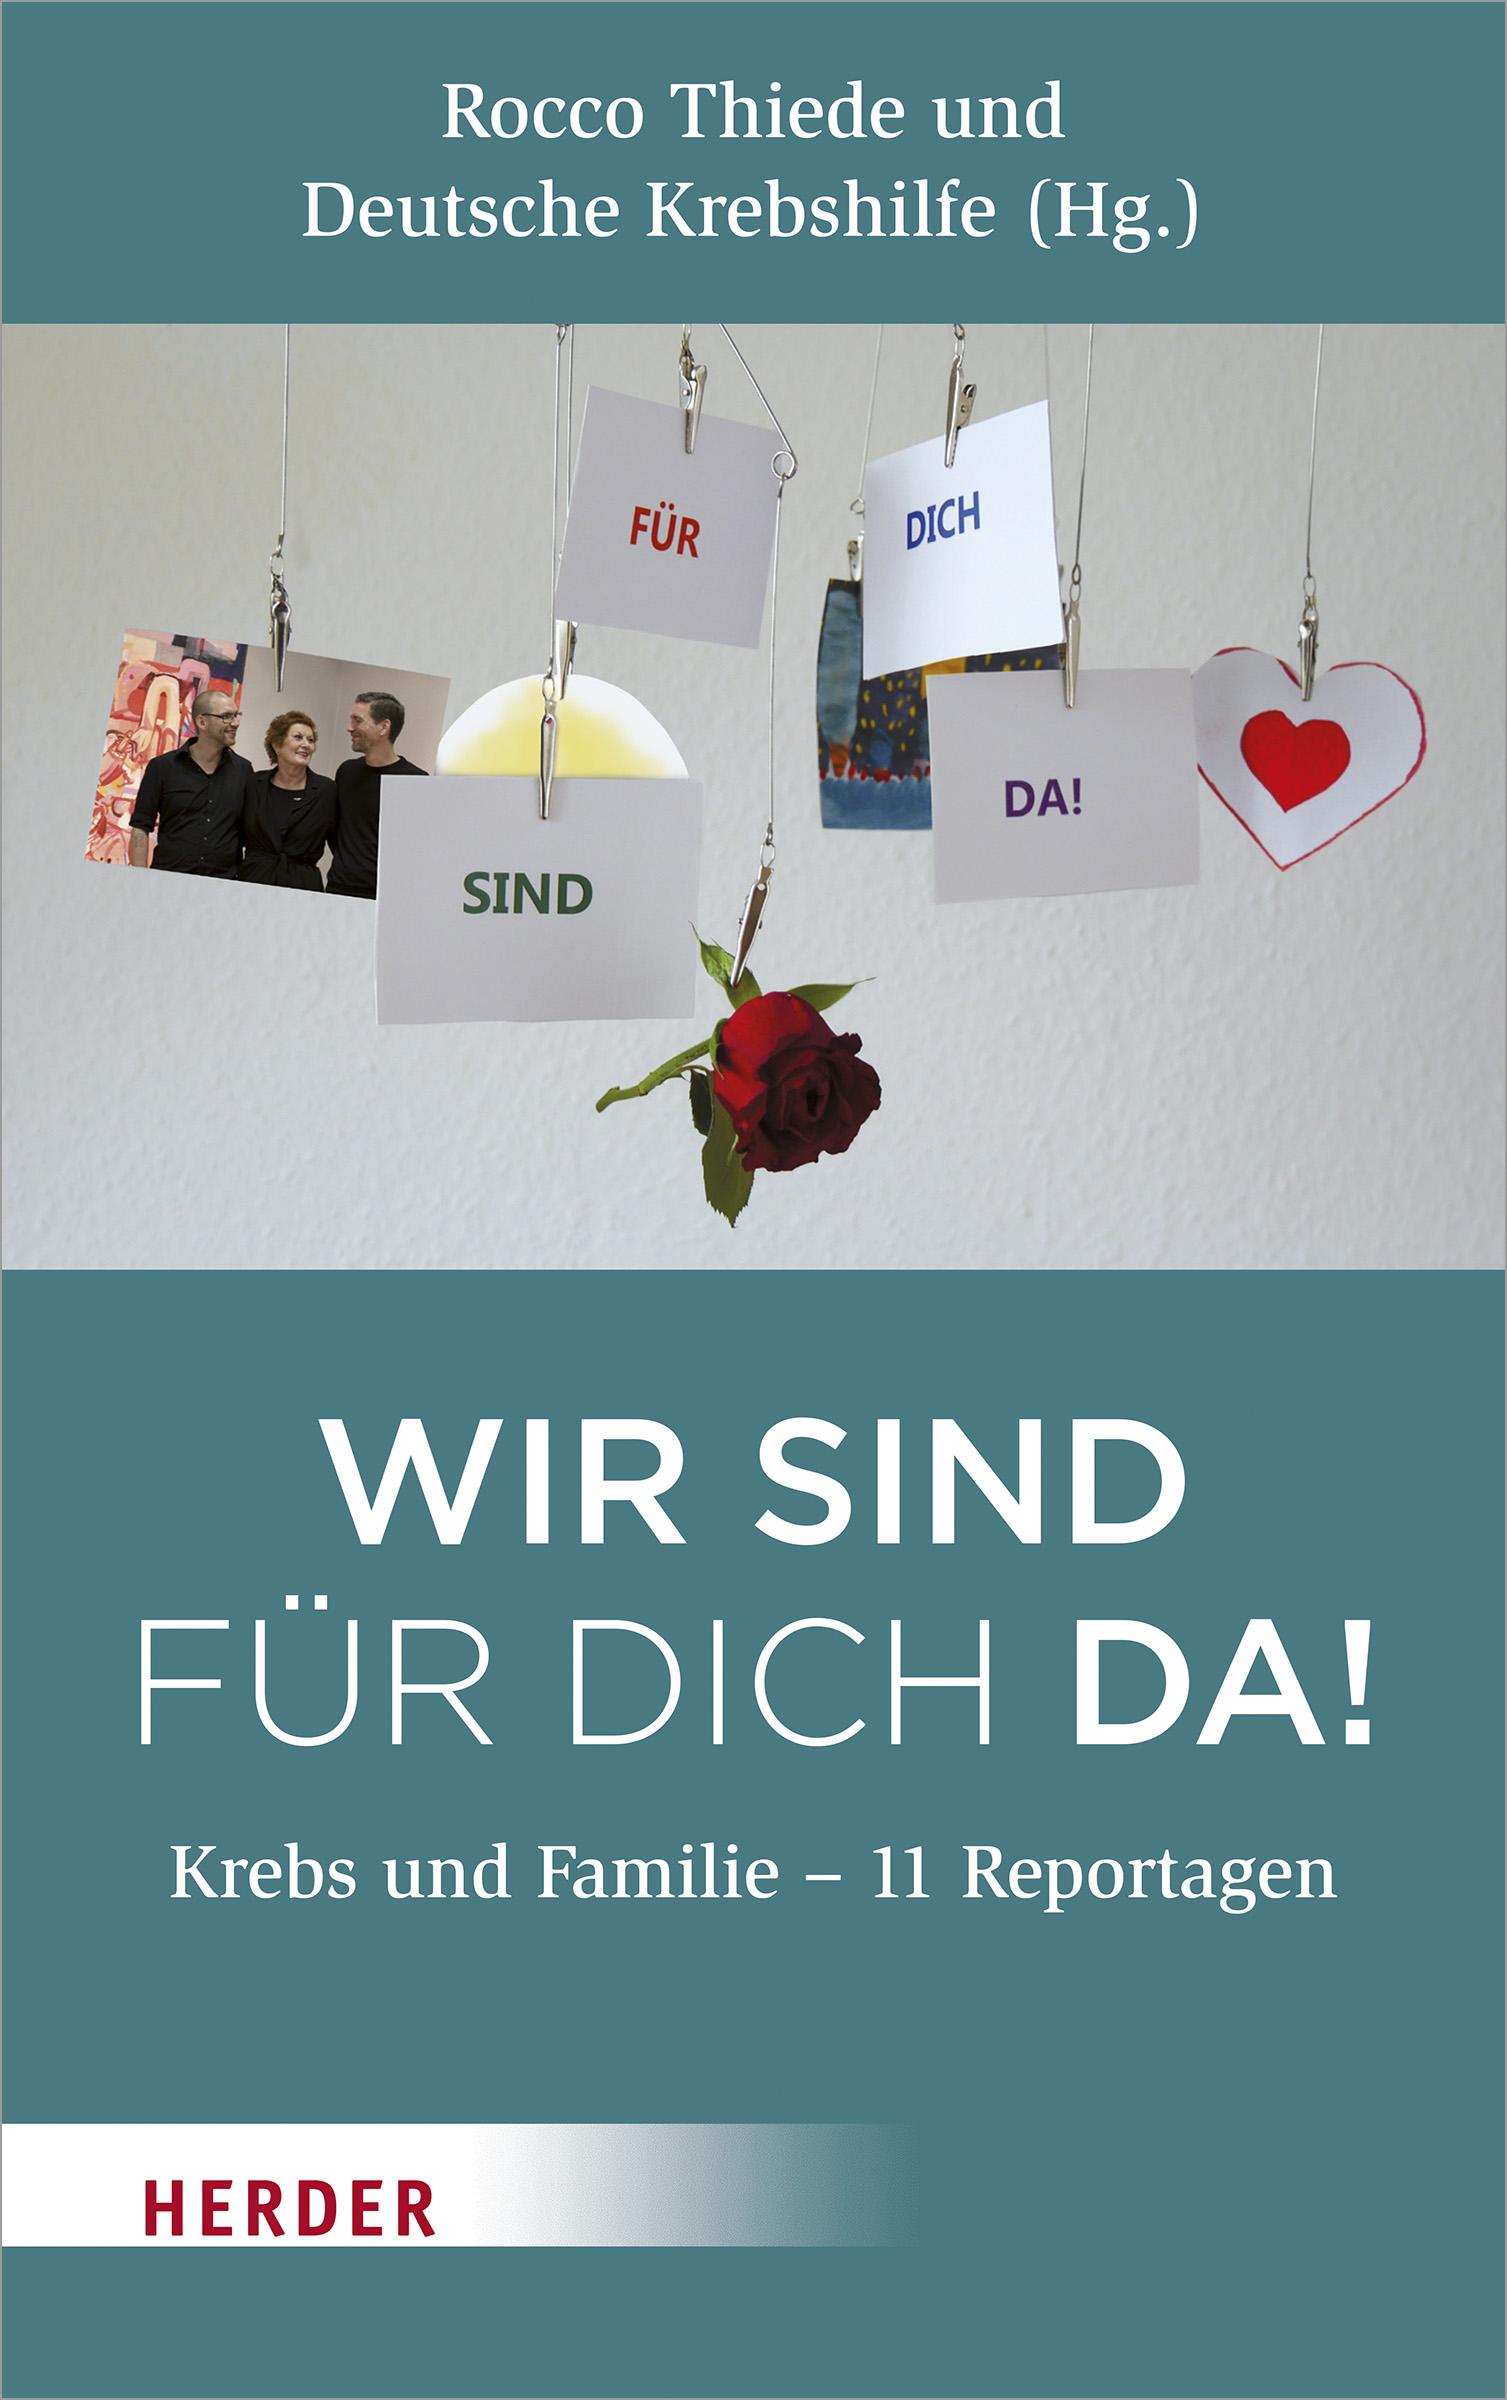 Wir sind für dich da! Krebs und Familie